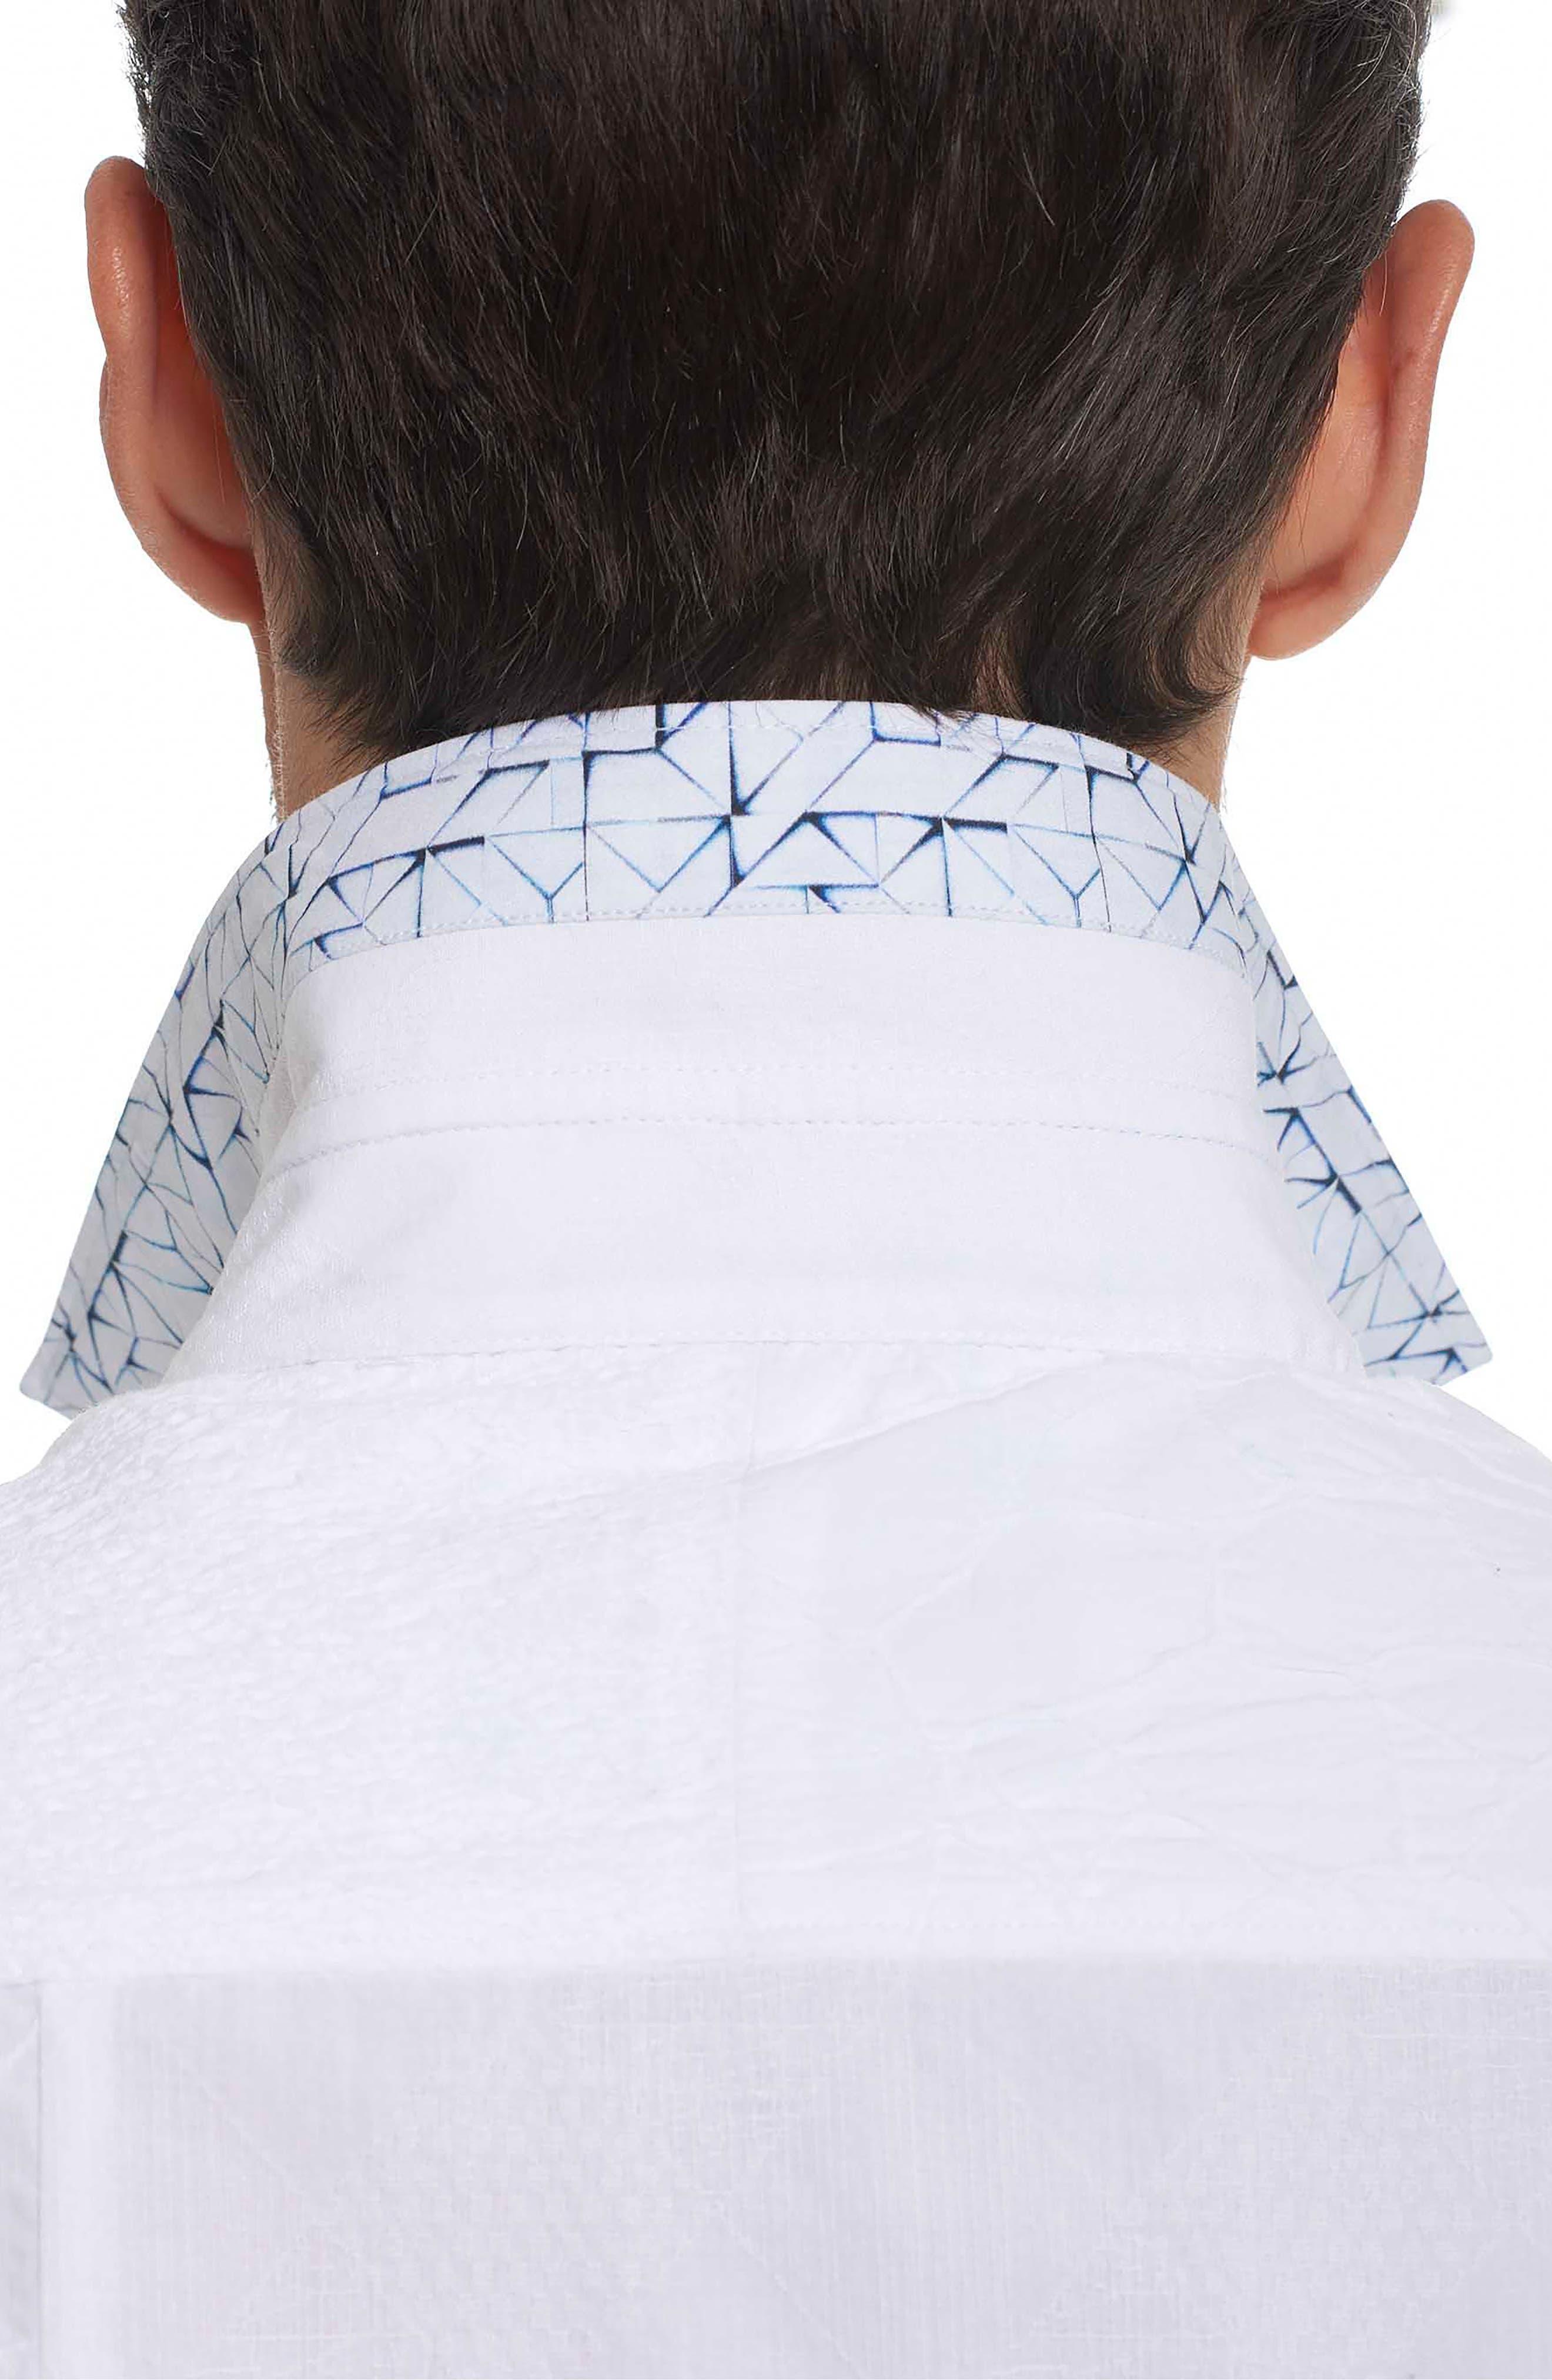 Duke Classic Fit Sport Shirt,                             Alternate thumbnail 2, color,                             White